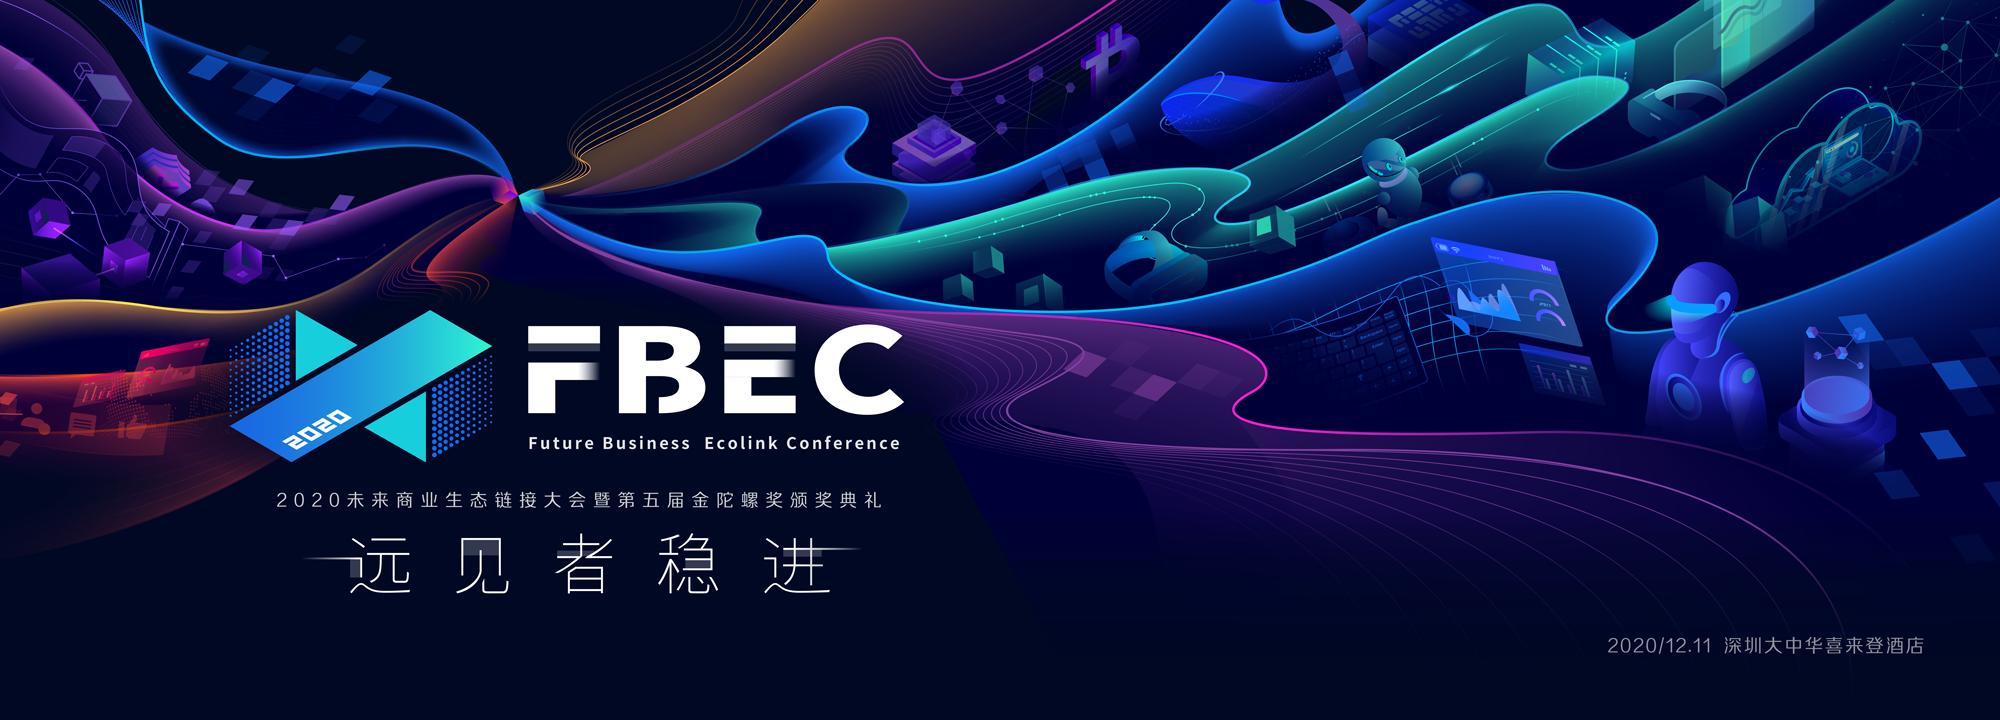 北京诺亦腾创始人&CTO戴若犂将出席FBEC大会发表演讲【FBEC2020】